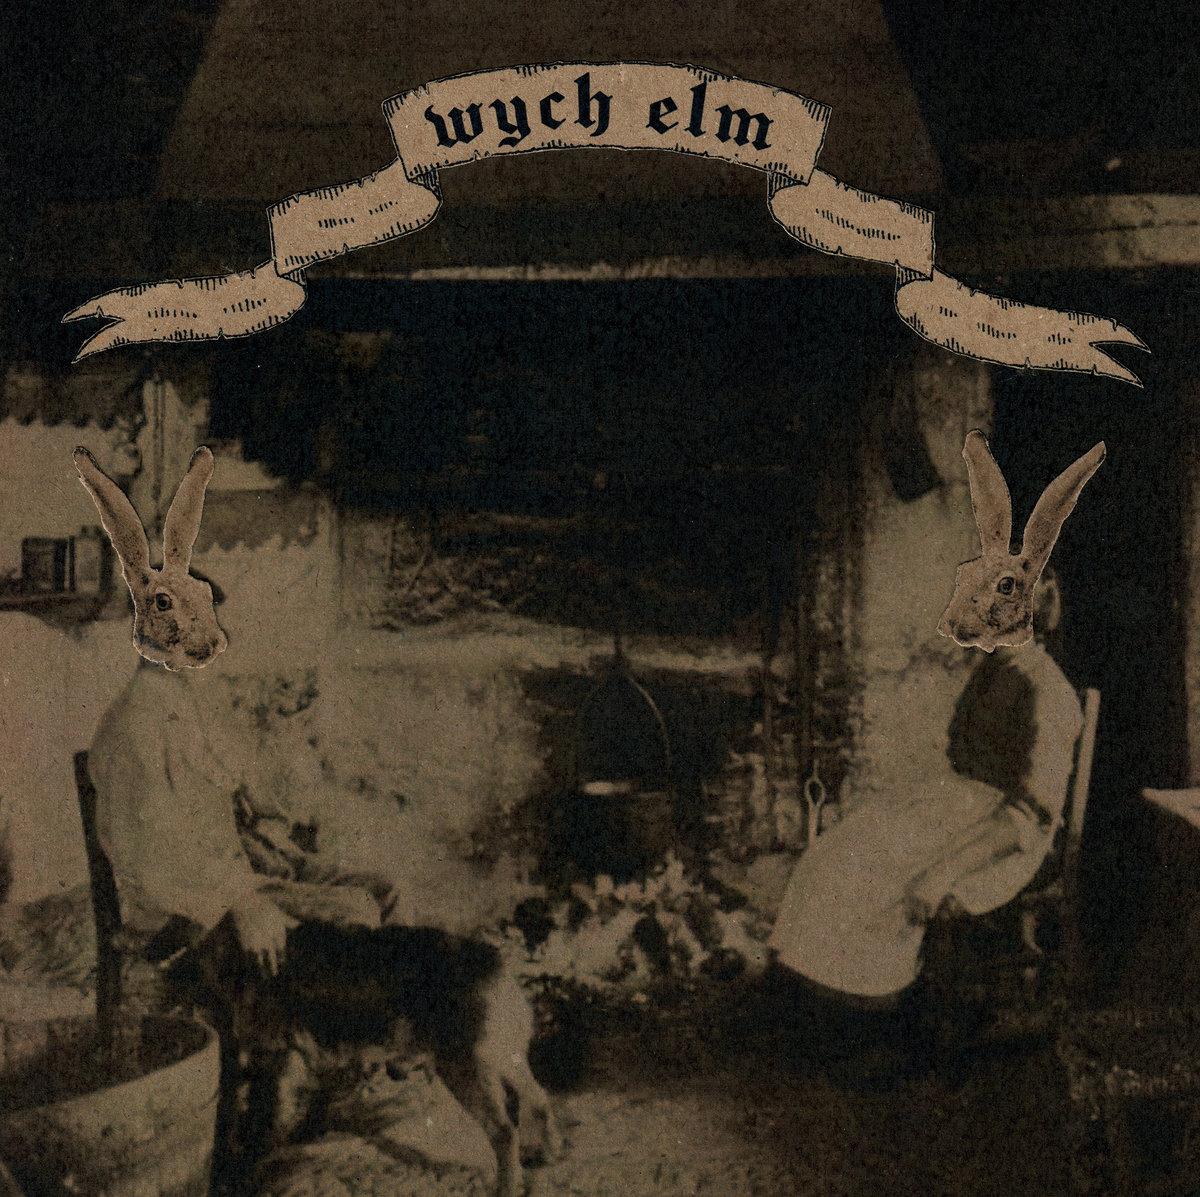 wych elm - Rabbit Wench